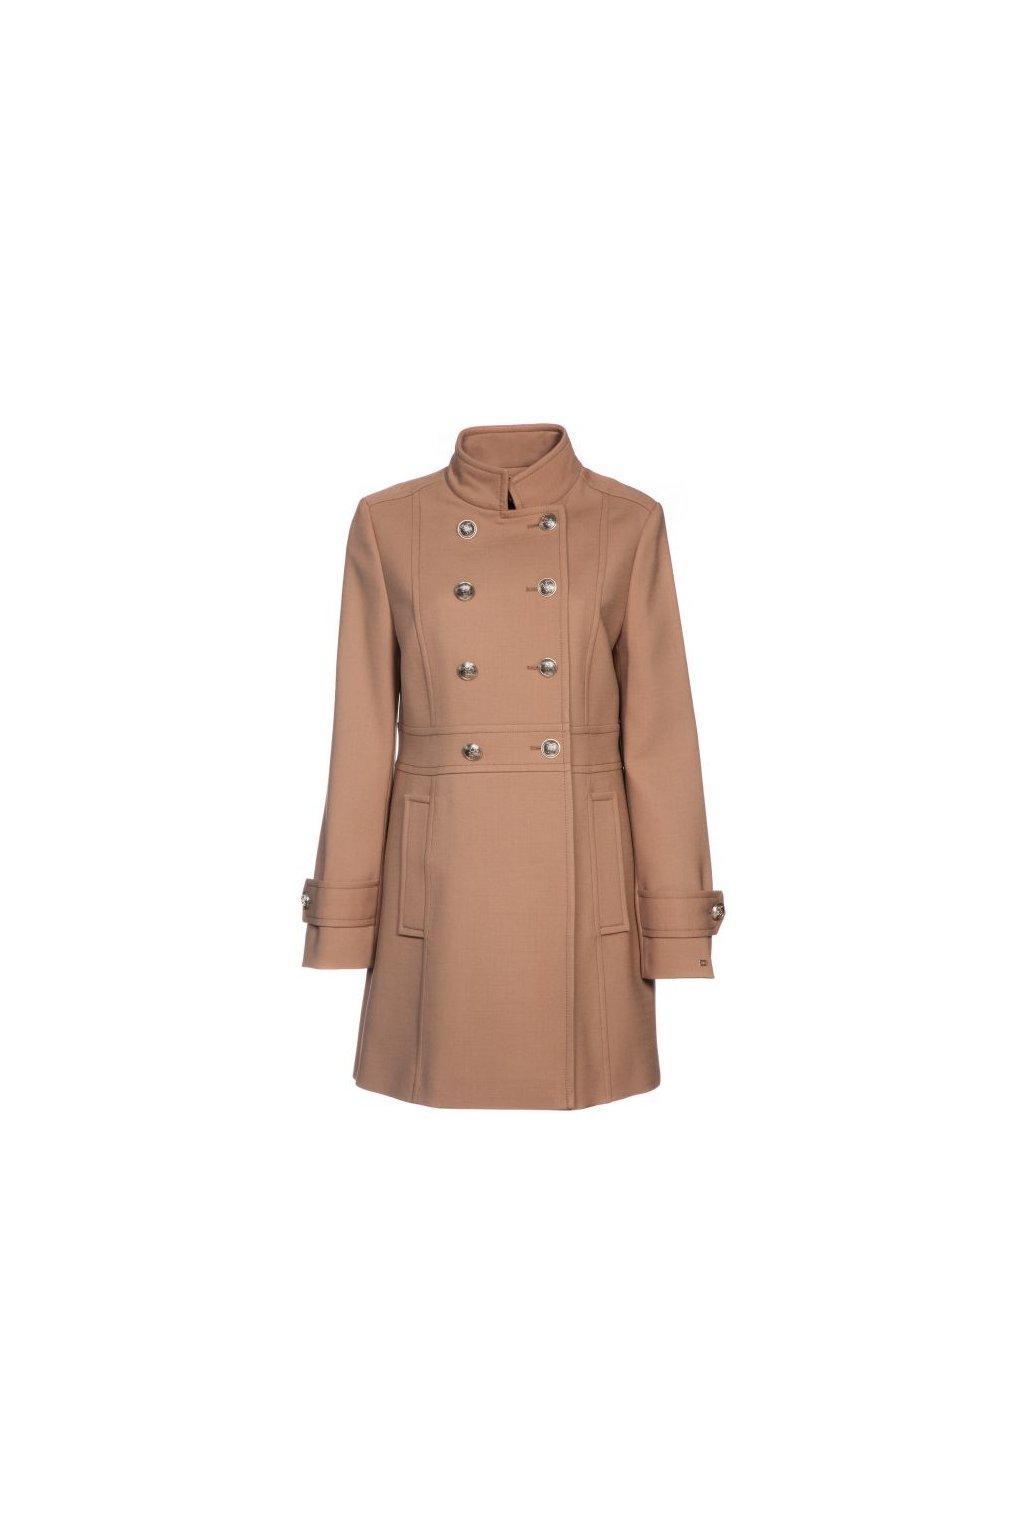 Dámský kabát Tommy Hilfiger WW0WW15135